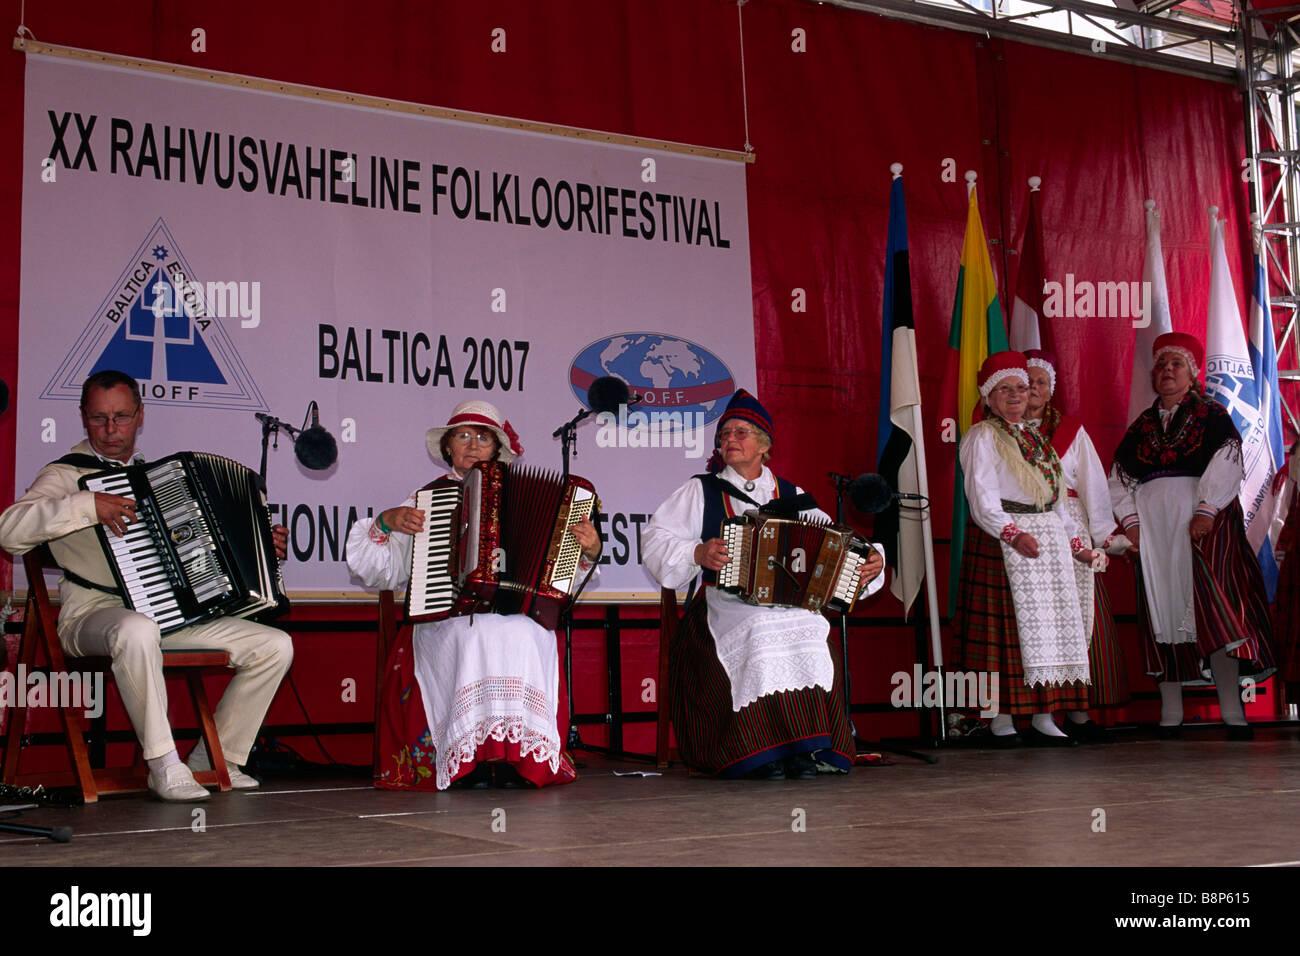 Estonia, Tallinn, Raekoja plats, donne che indossano gli abiti tradizionali, baltica 2007 festival di folklore Immagini Stock